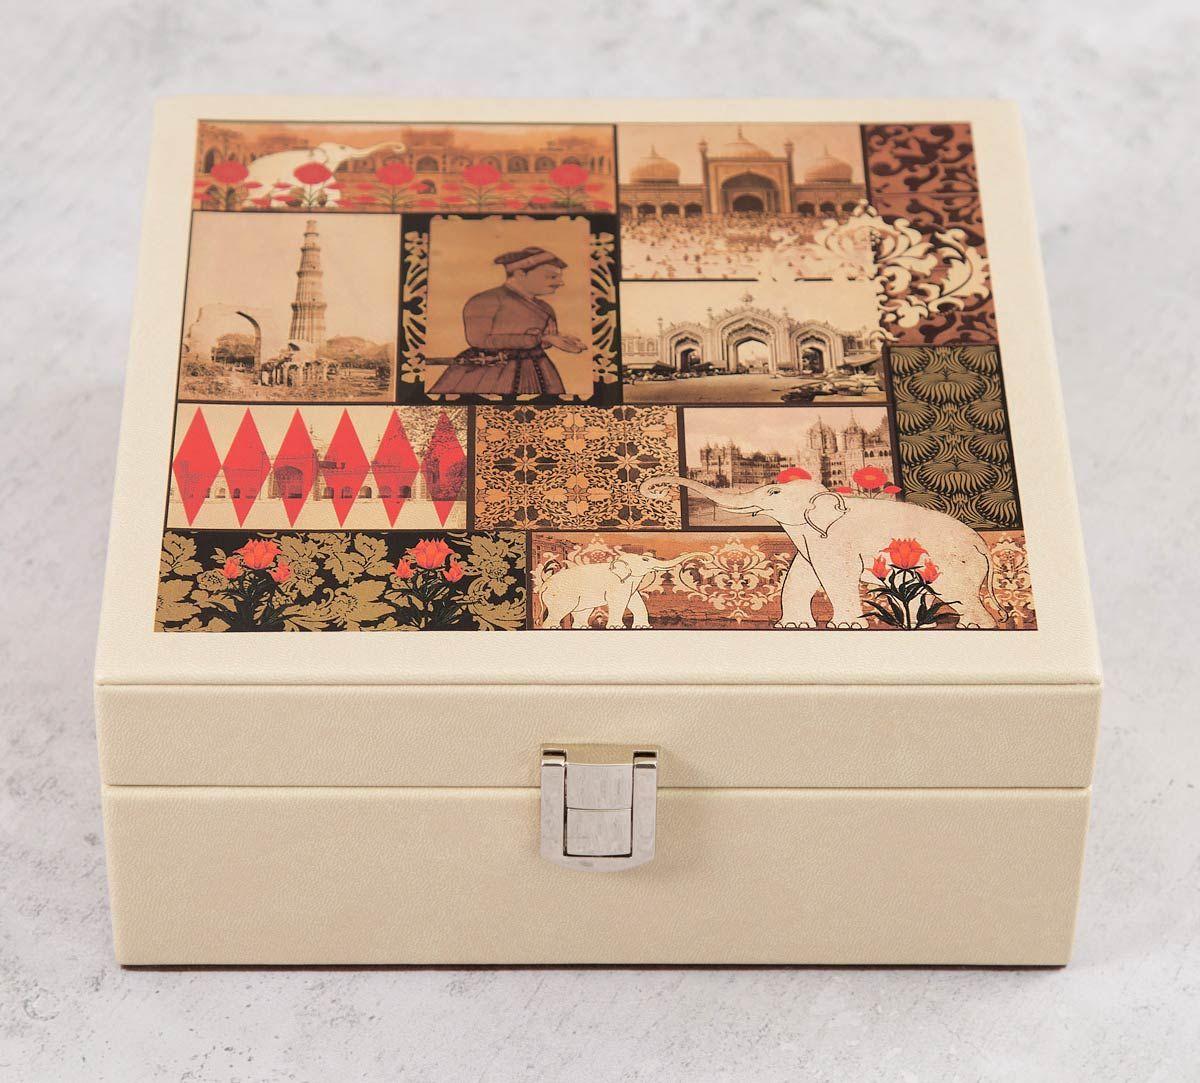 India Circus The Mughal Era Leather Jewellery Box